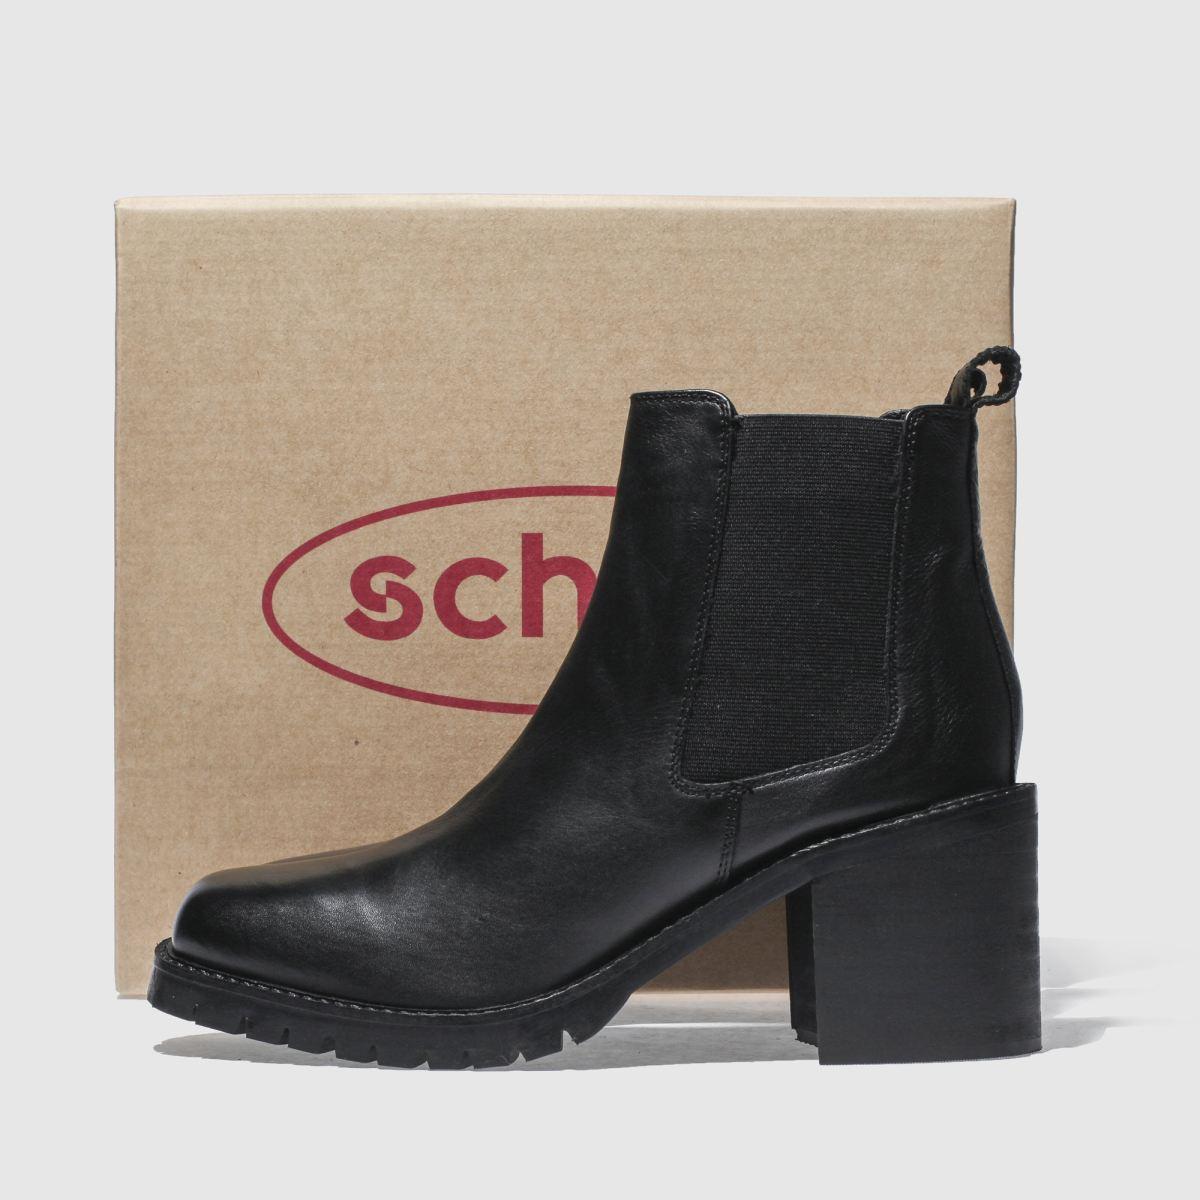 Damen Schwarz schuh Strut Qualität Boots | schuh Gute Qualität Strut beliebte Schuhe cf2550